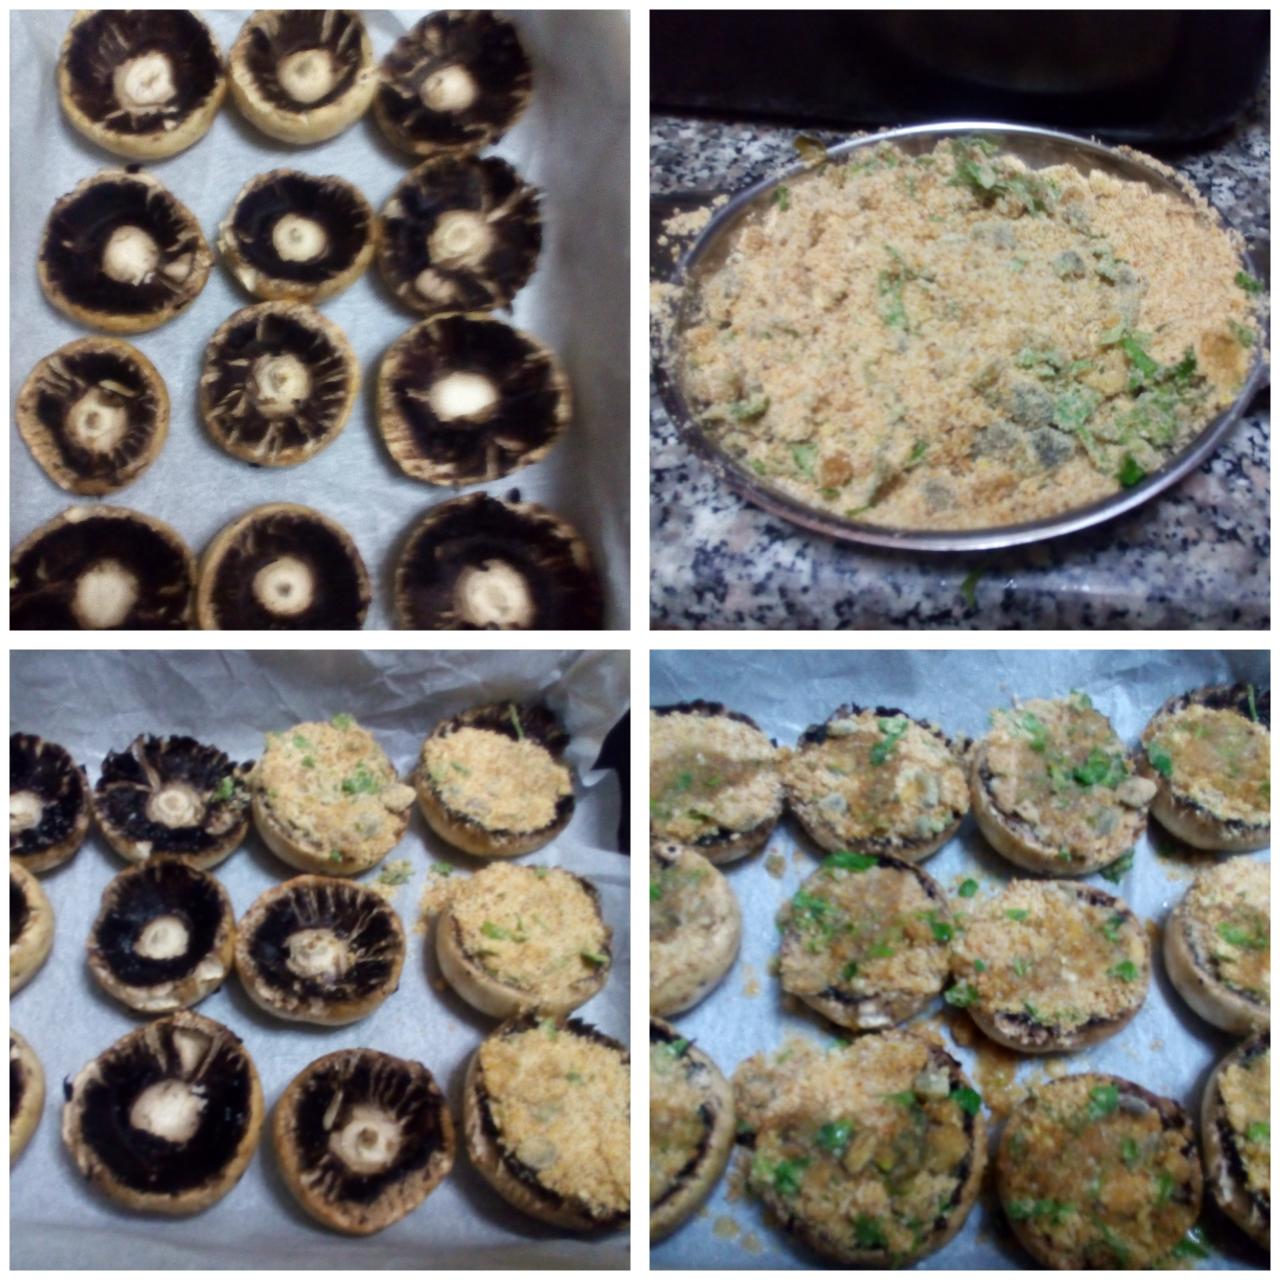 funghi champignon gratinati al forno